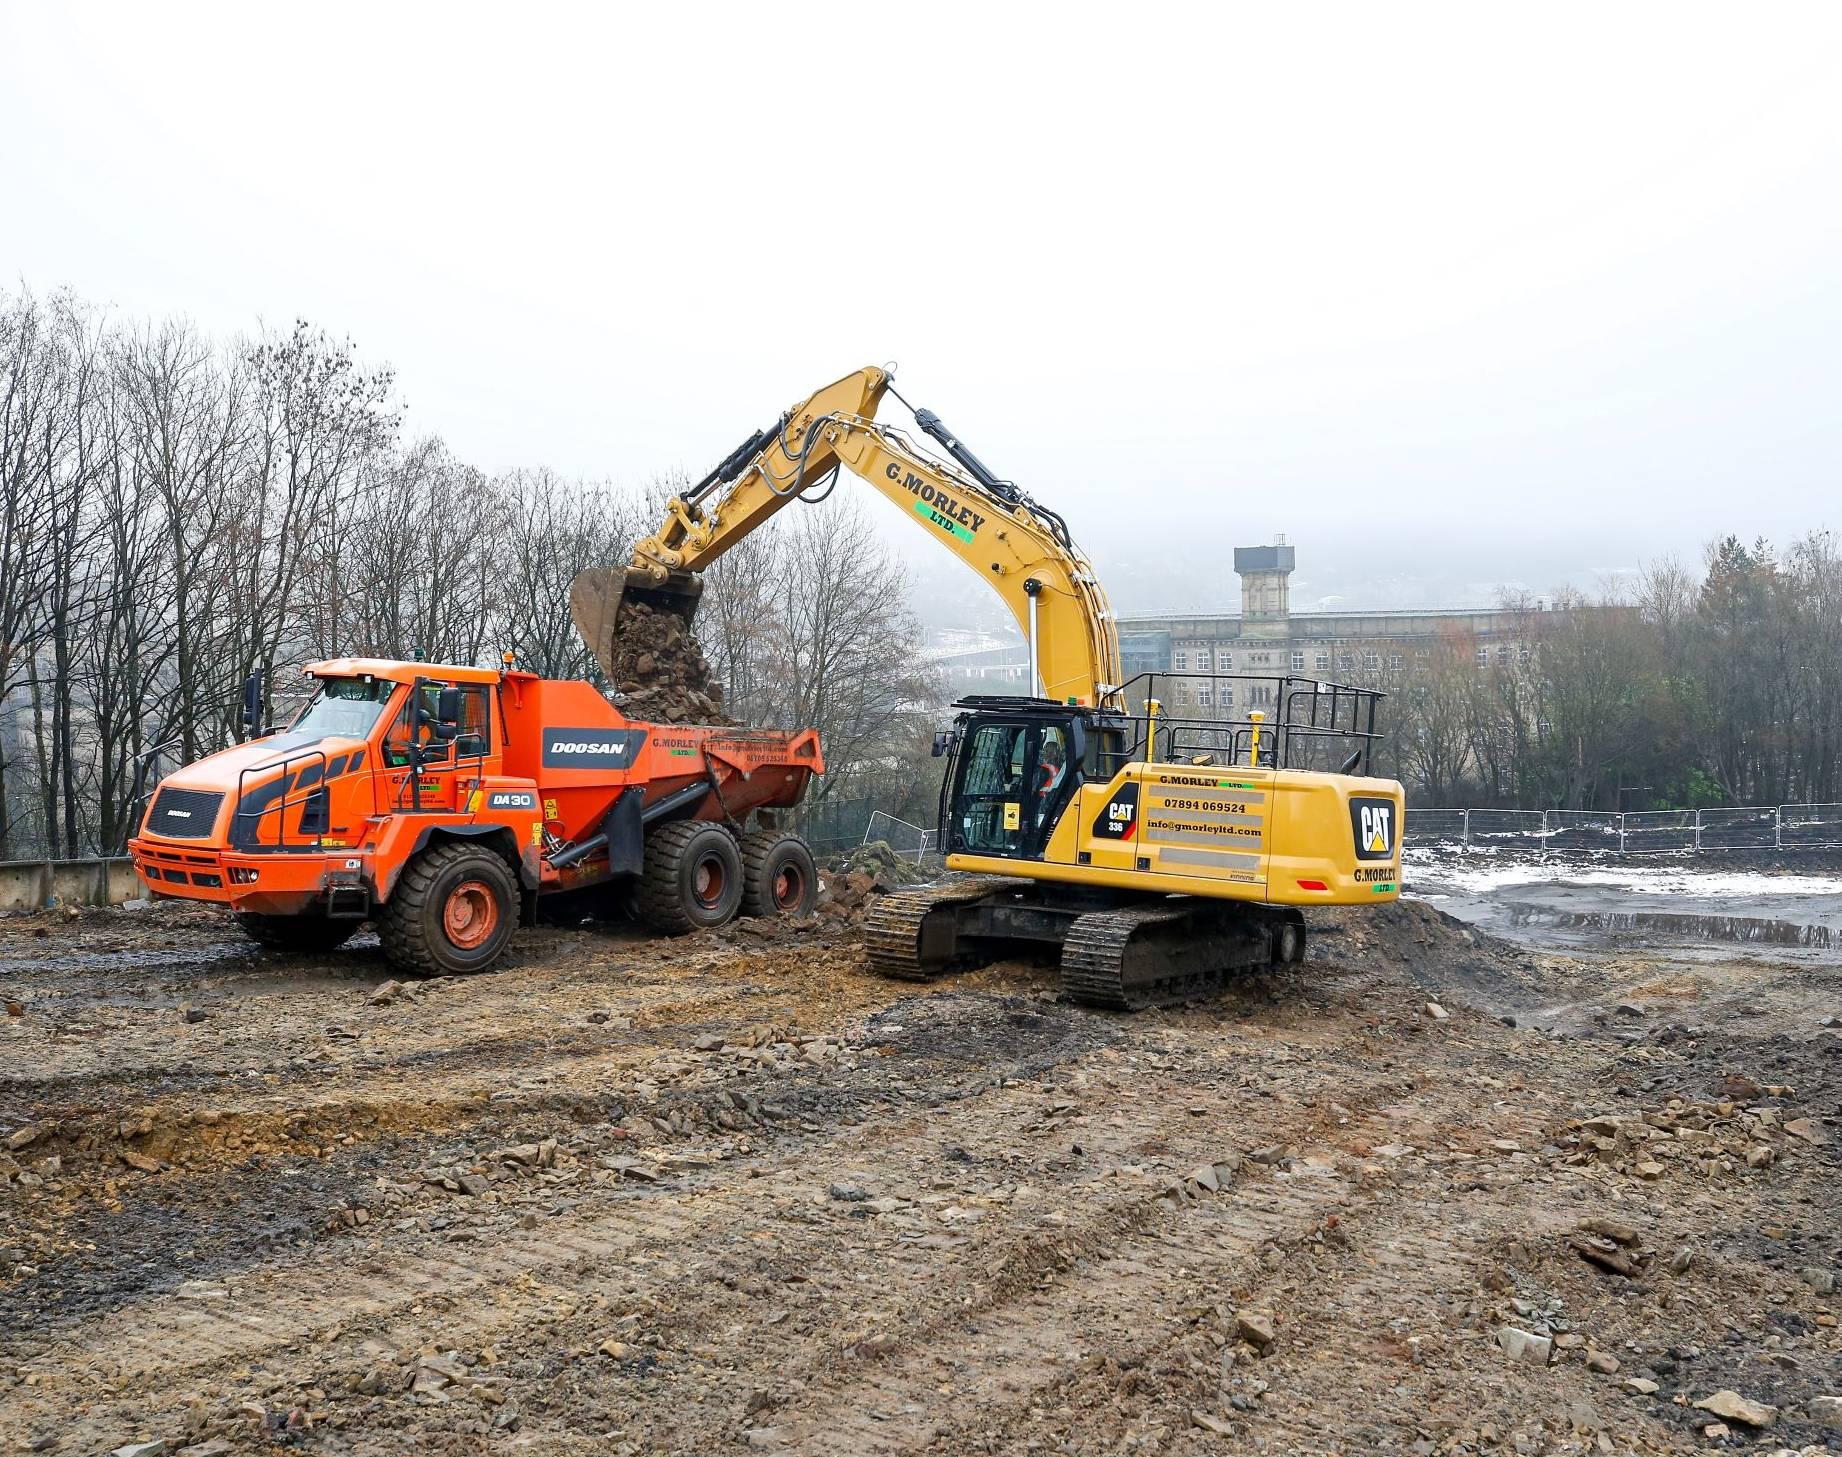 Beech Hill start on site